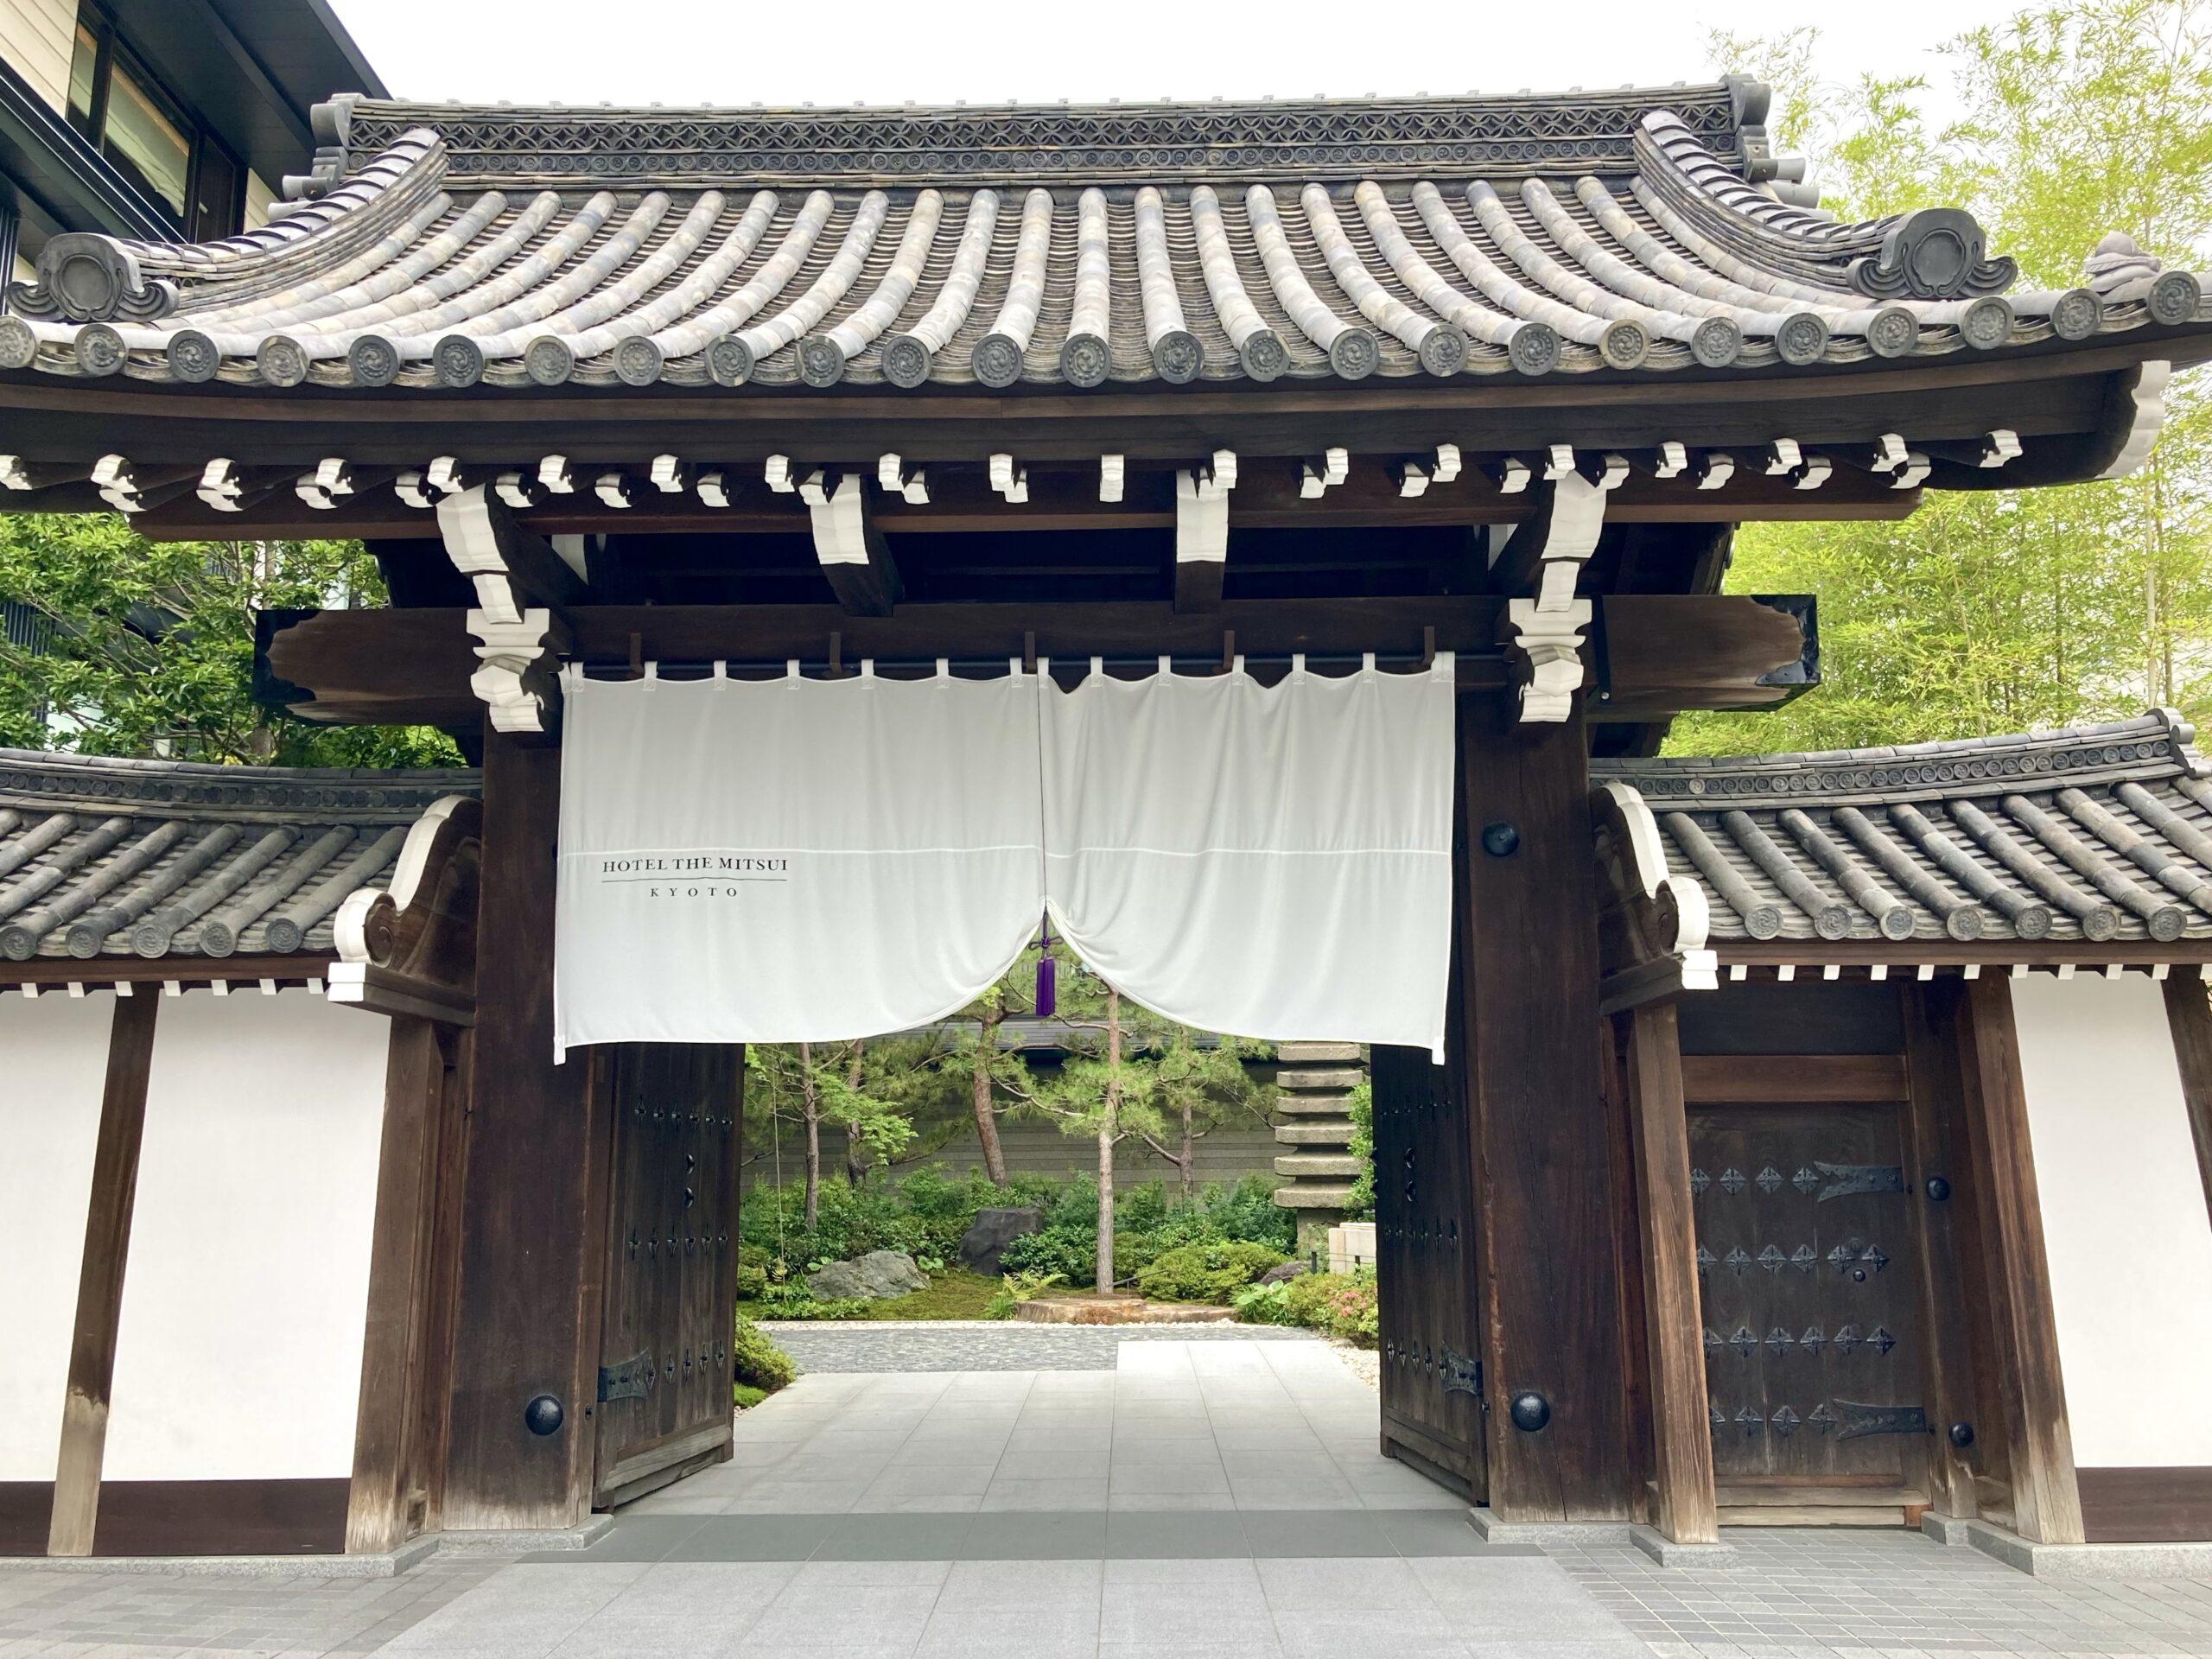 「ホテルザミツイキョウト」正面の門の写真